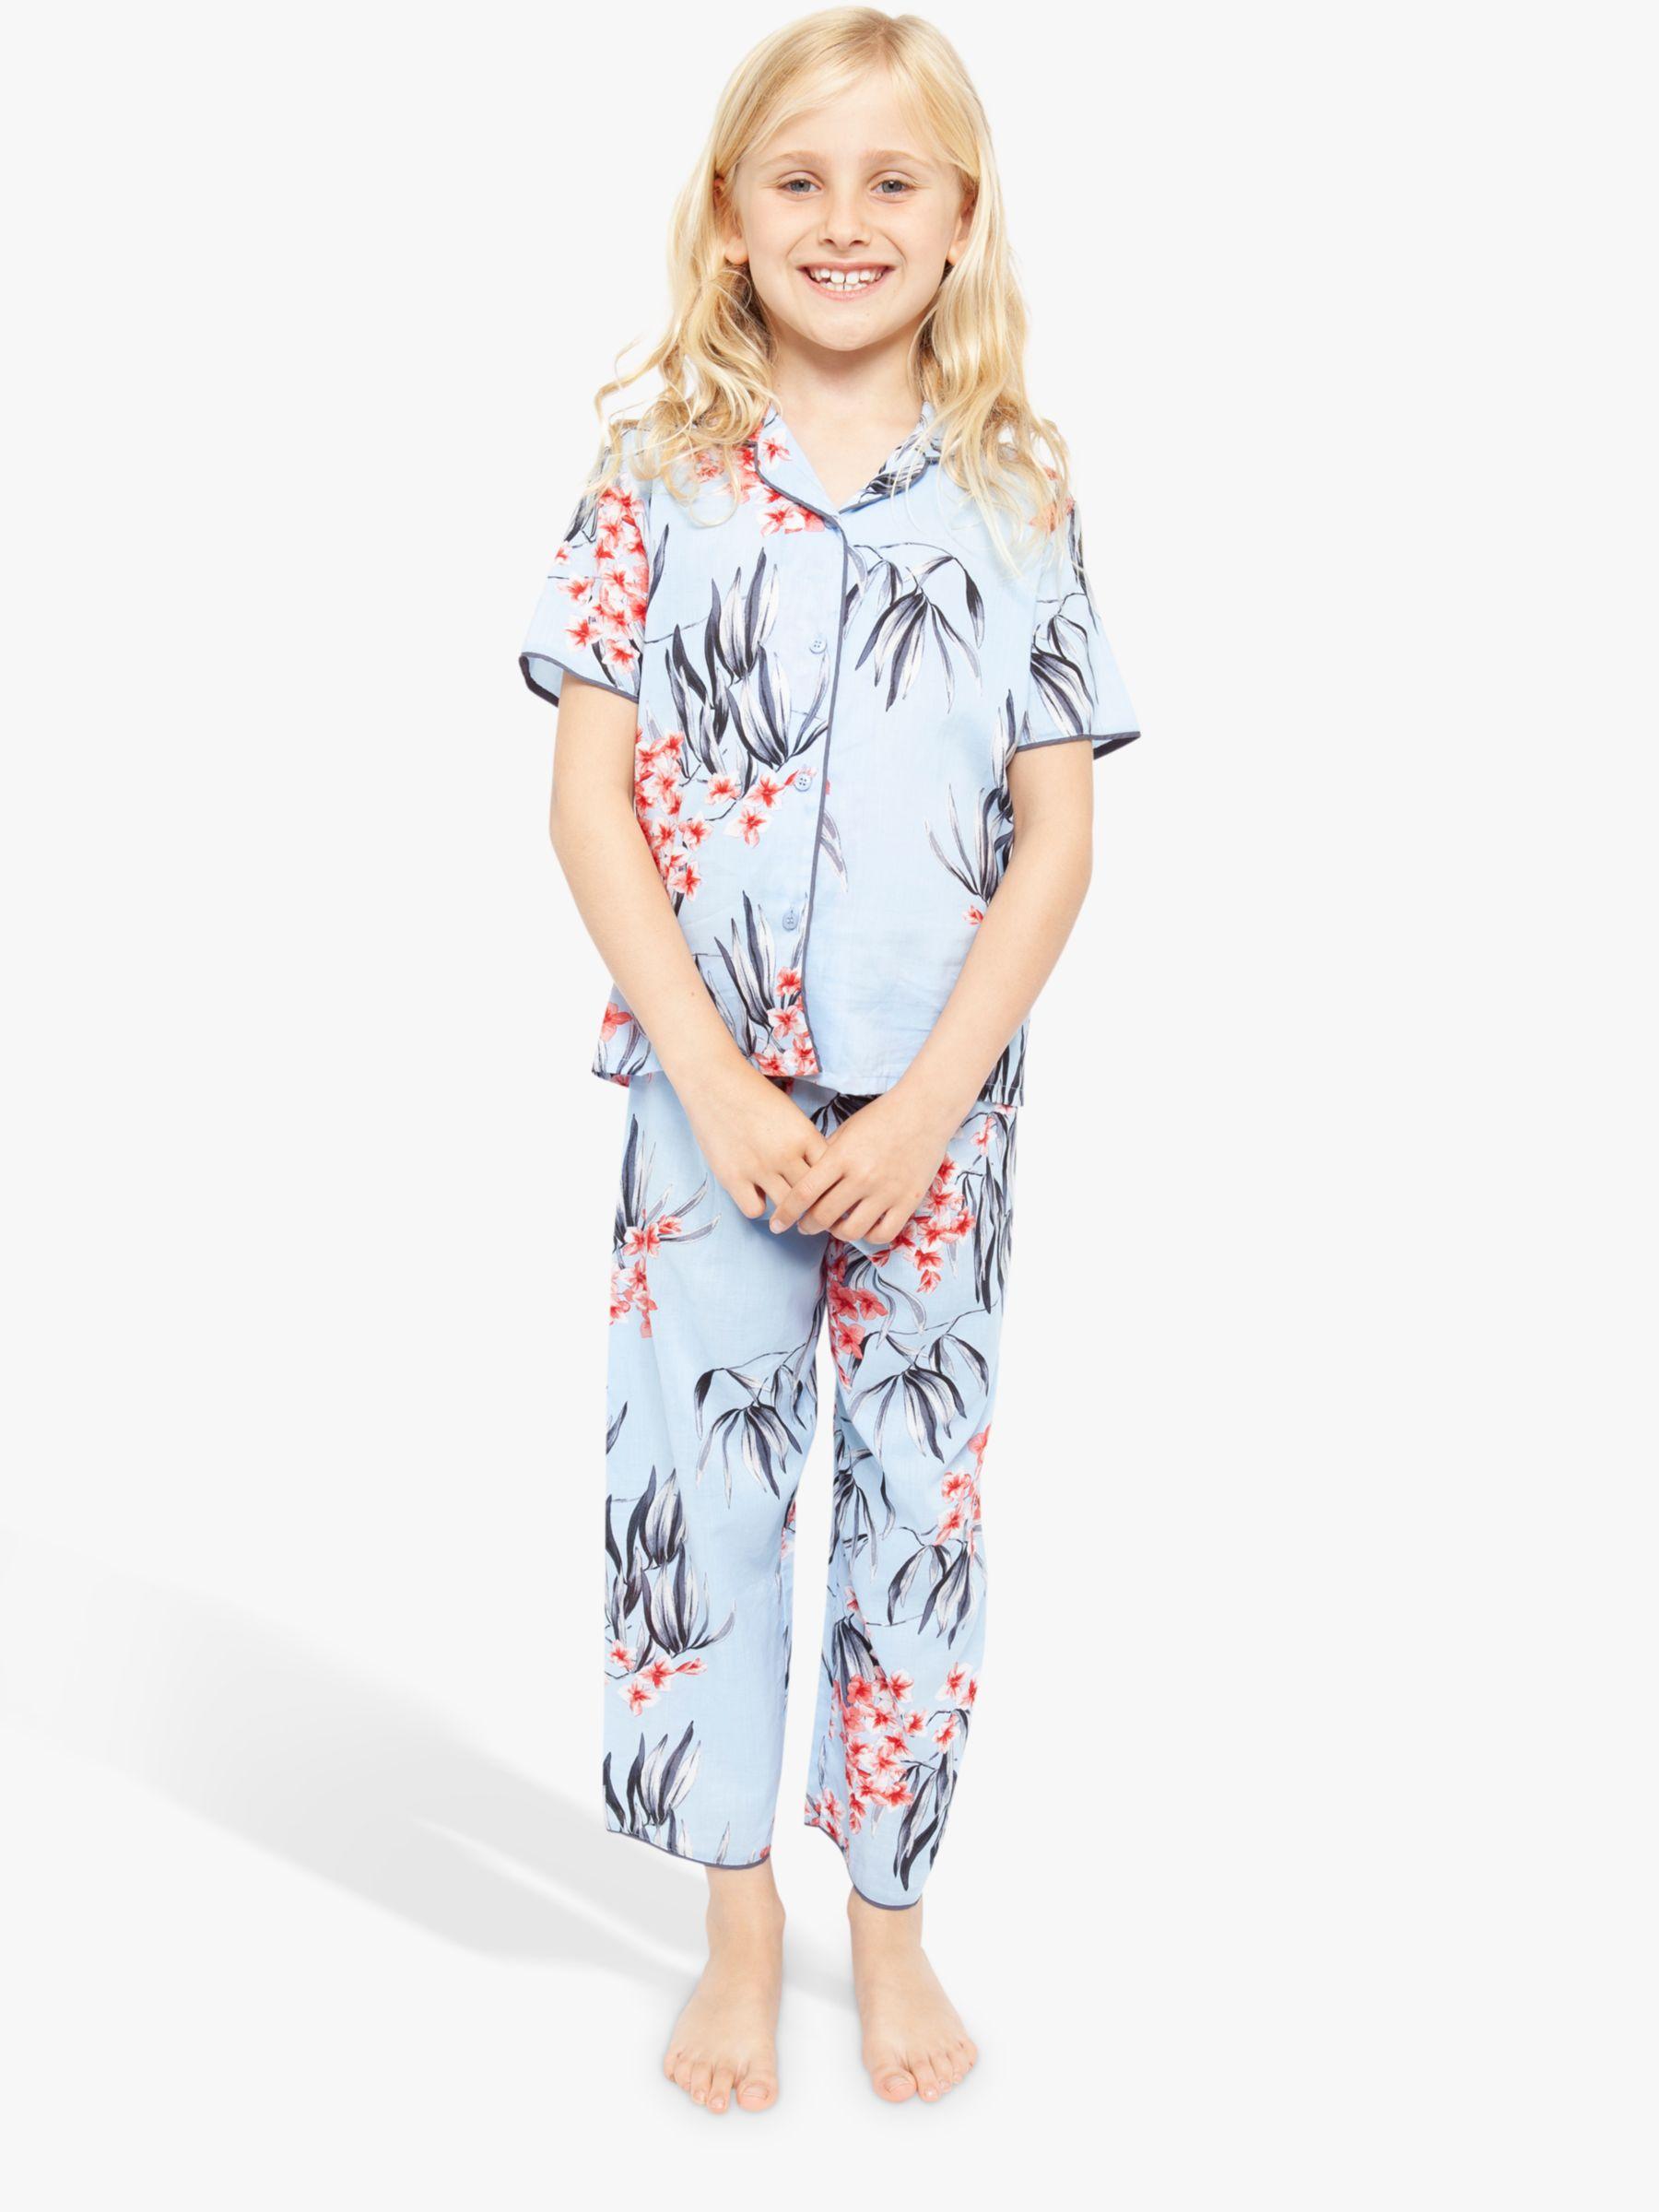 Cyberjammies Cyberjammies Girls' Floral Short Sleeve Pyjama Set, Blue